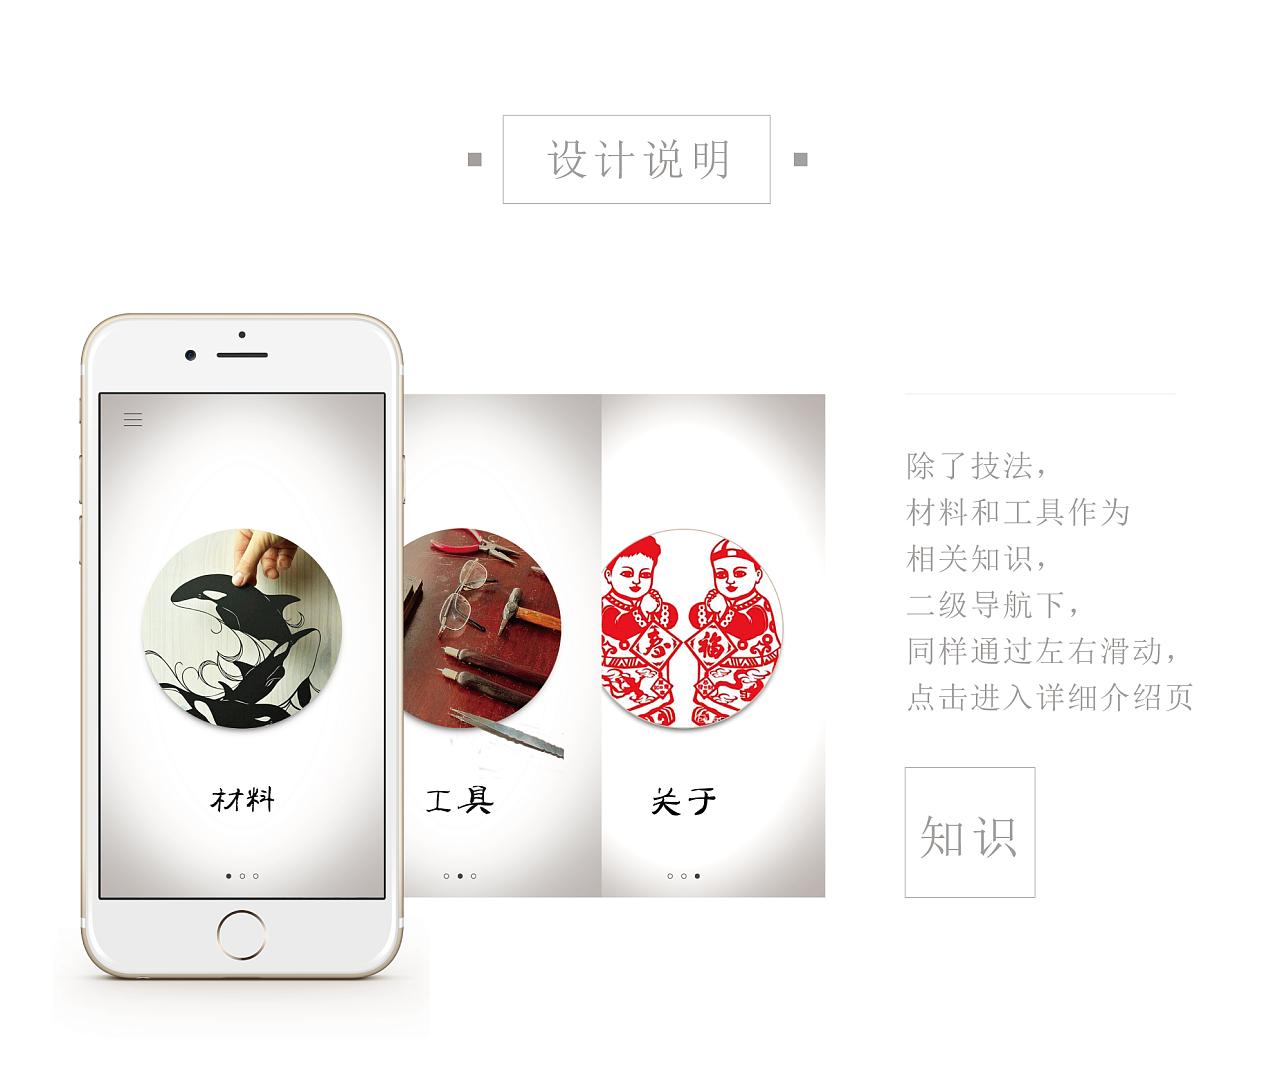 刘泥巴剪纸app设计